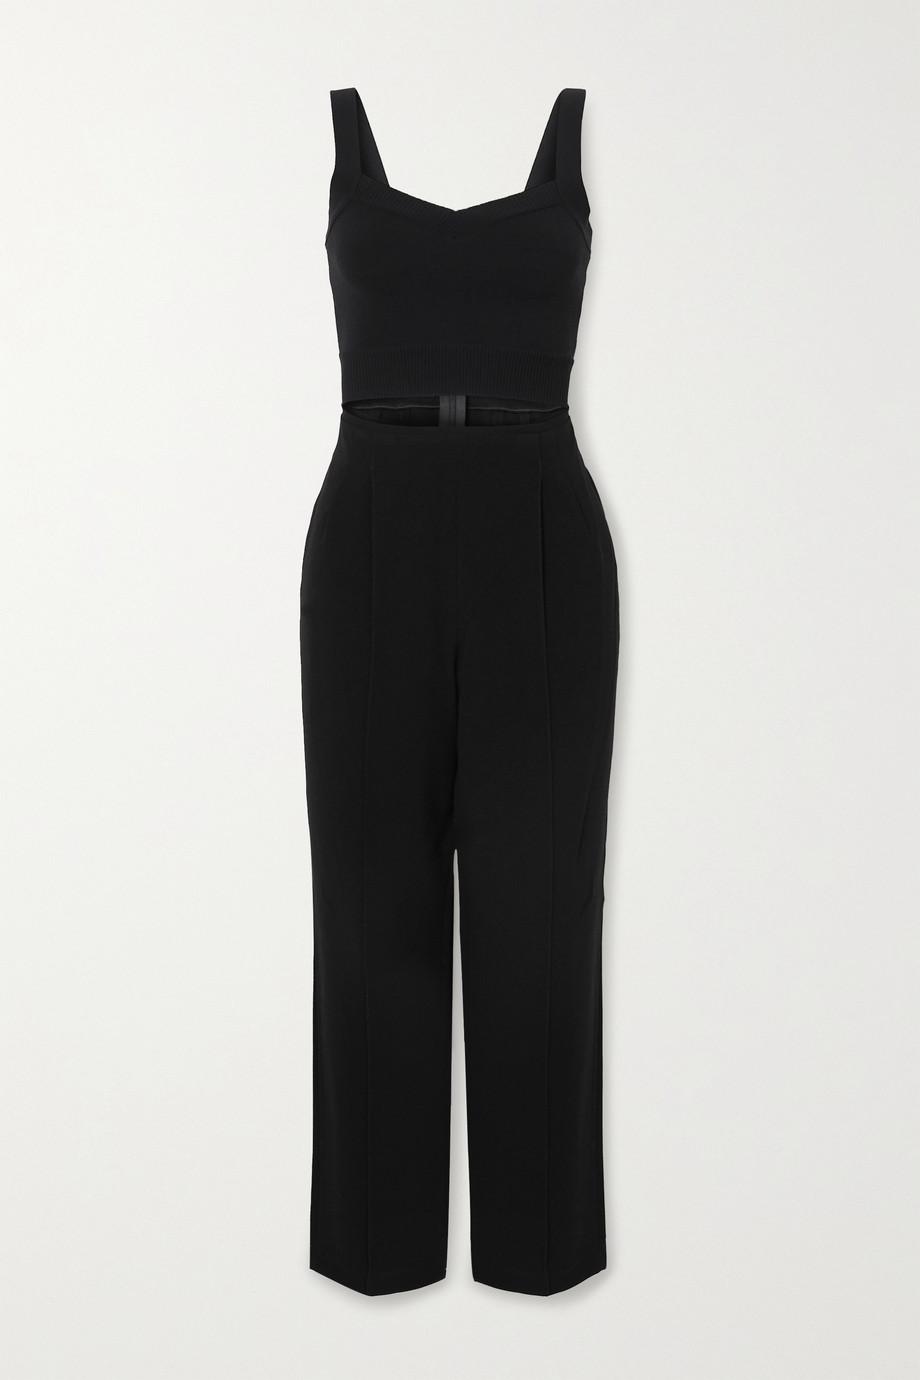 Hervé Léger Cutout cotton-blend and crepe jumpsuit